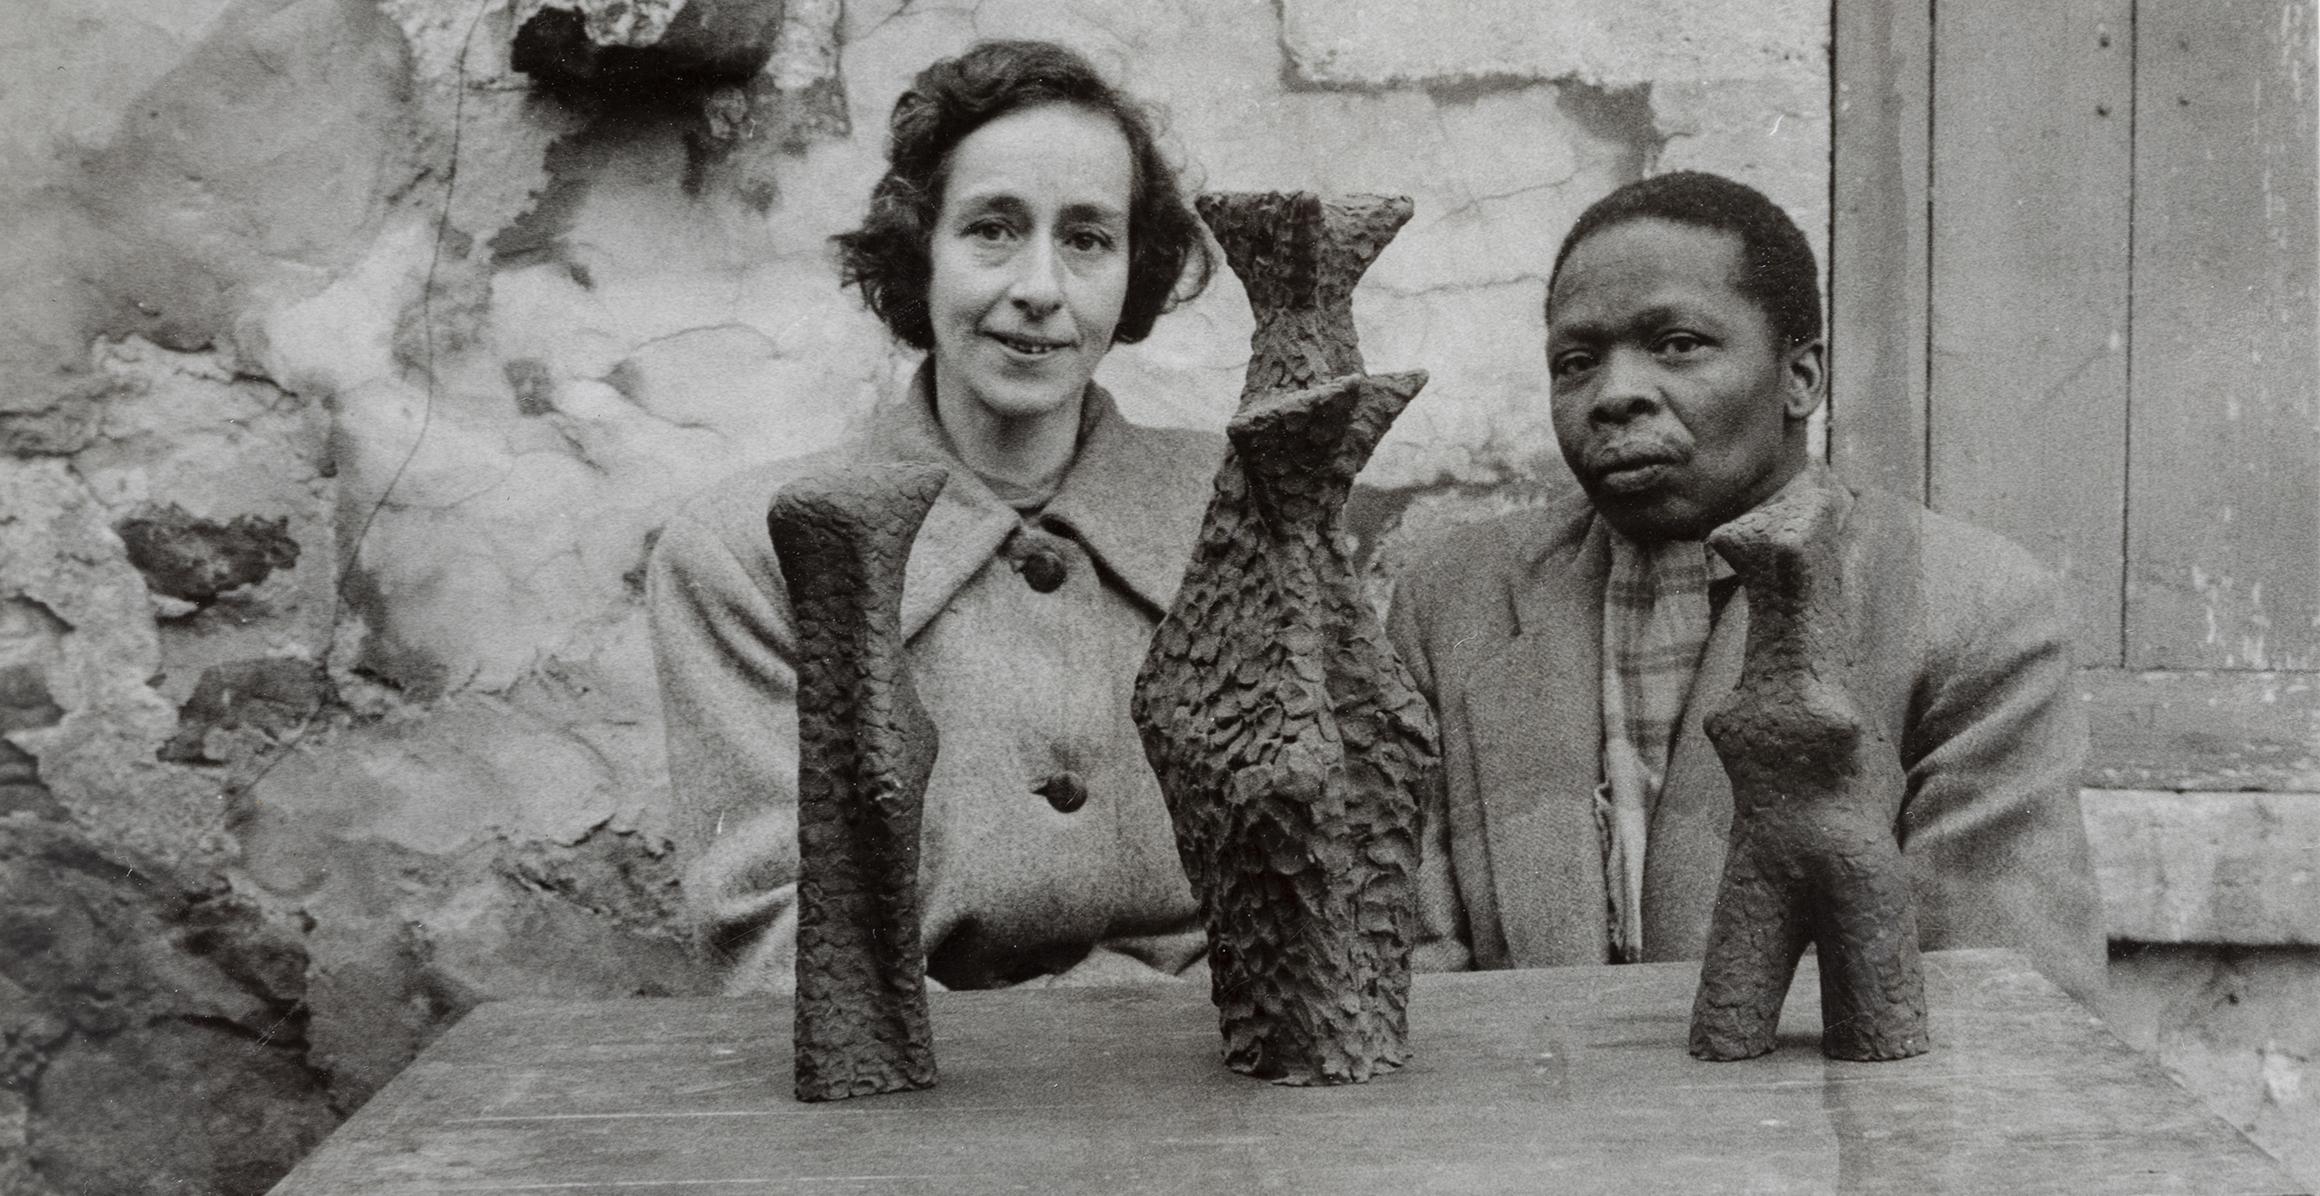 Ernest mancoba och Sonja Ferlov Mancoba